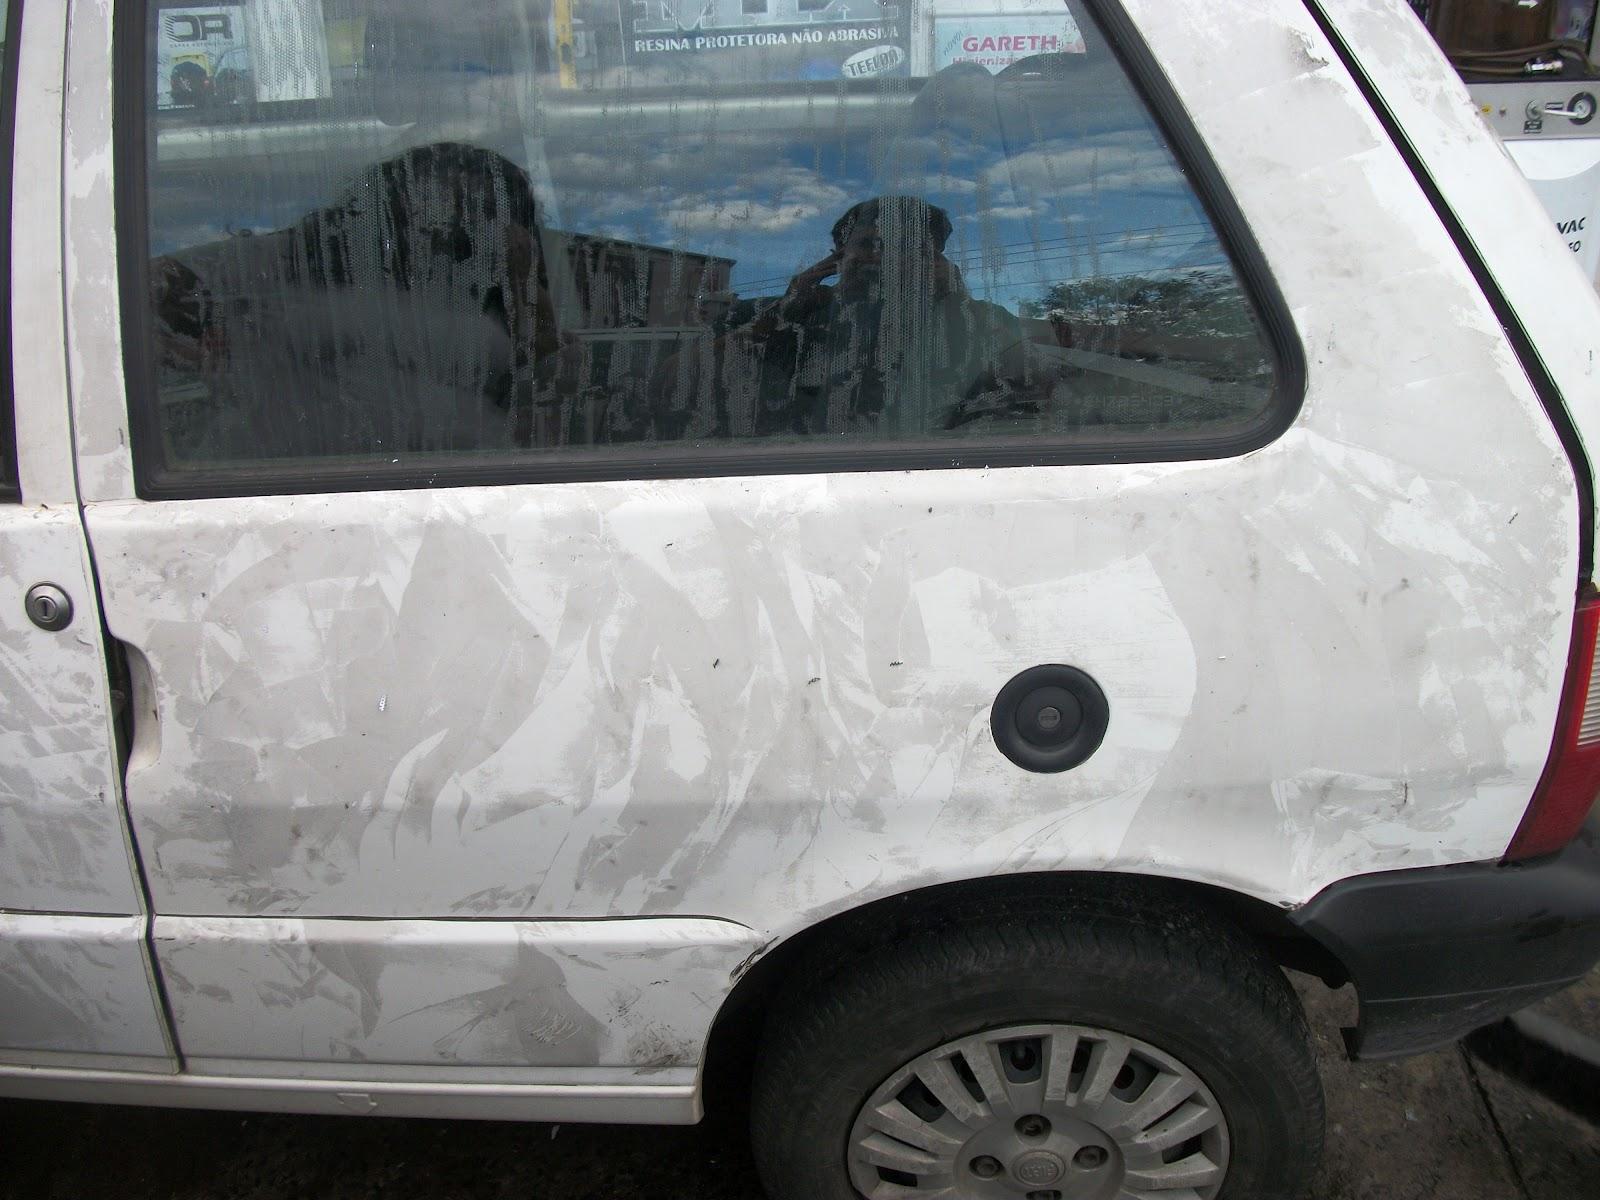 retirar adesivos do carro